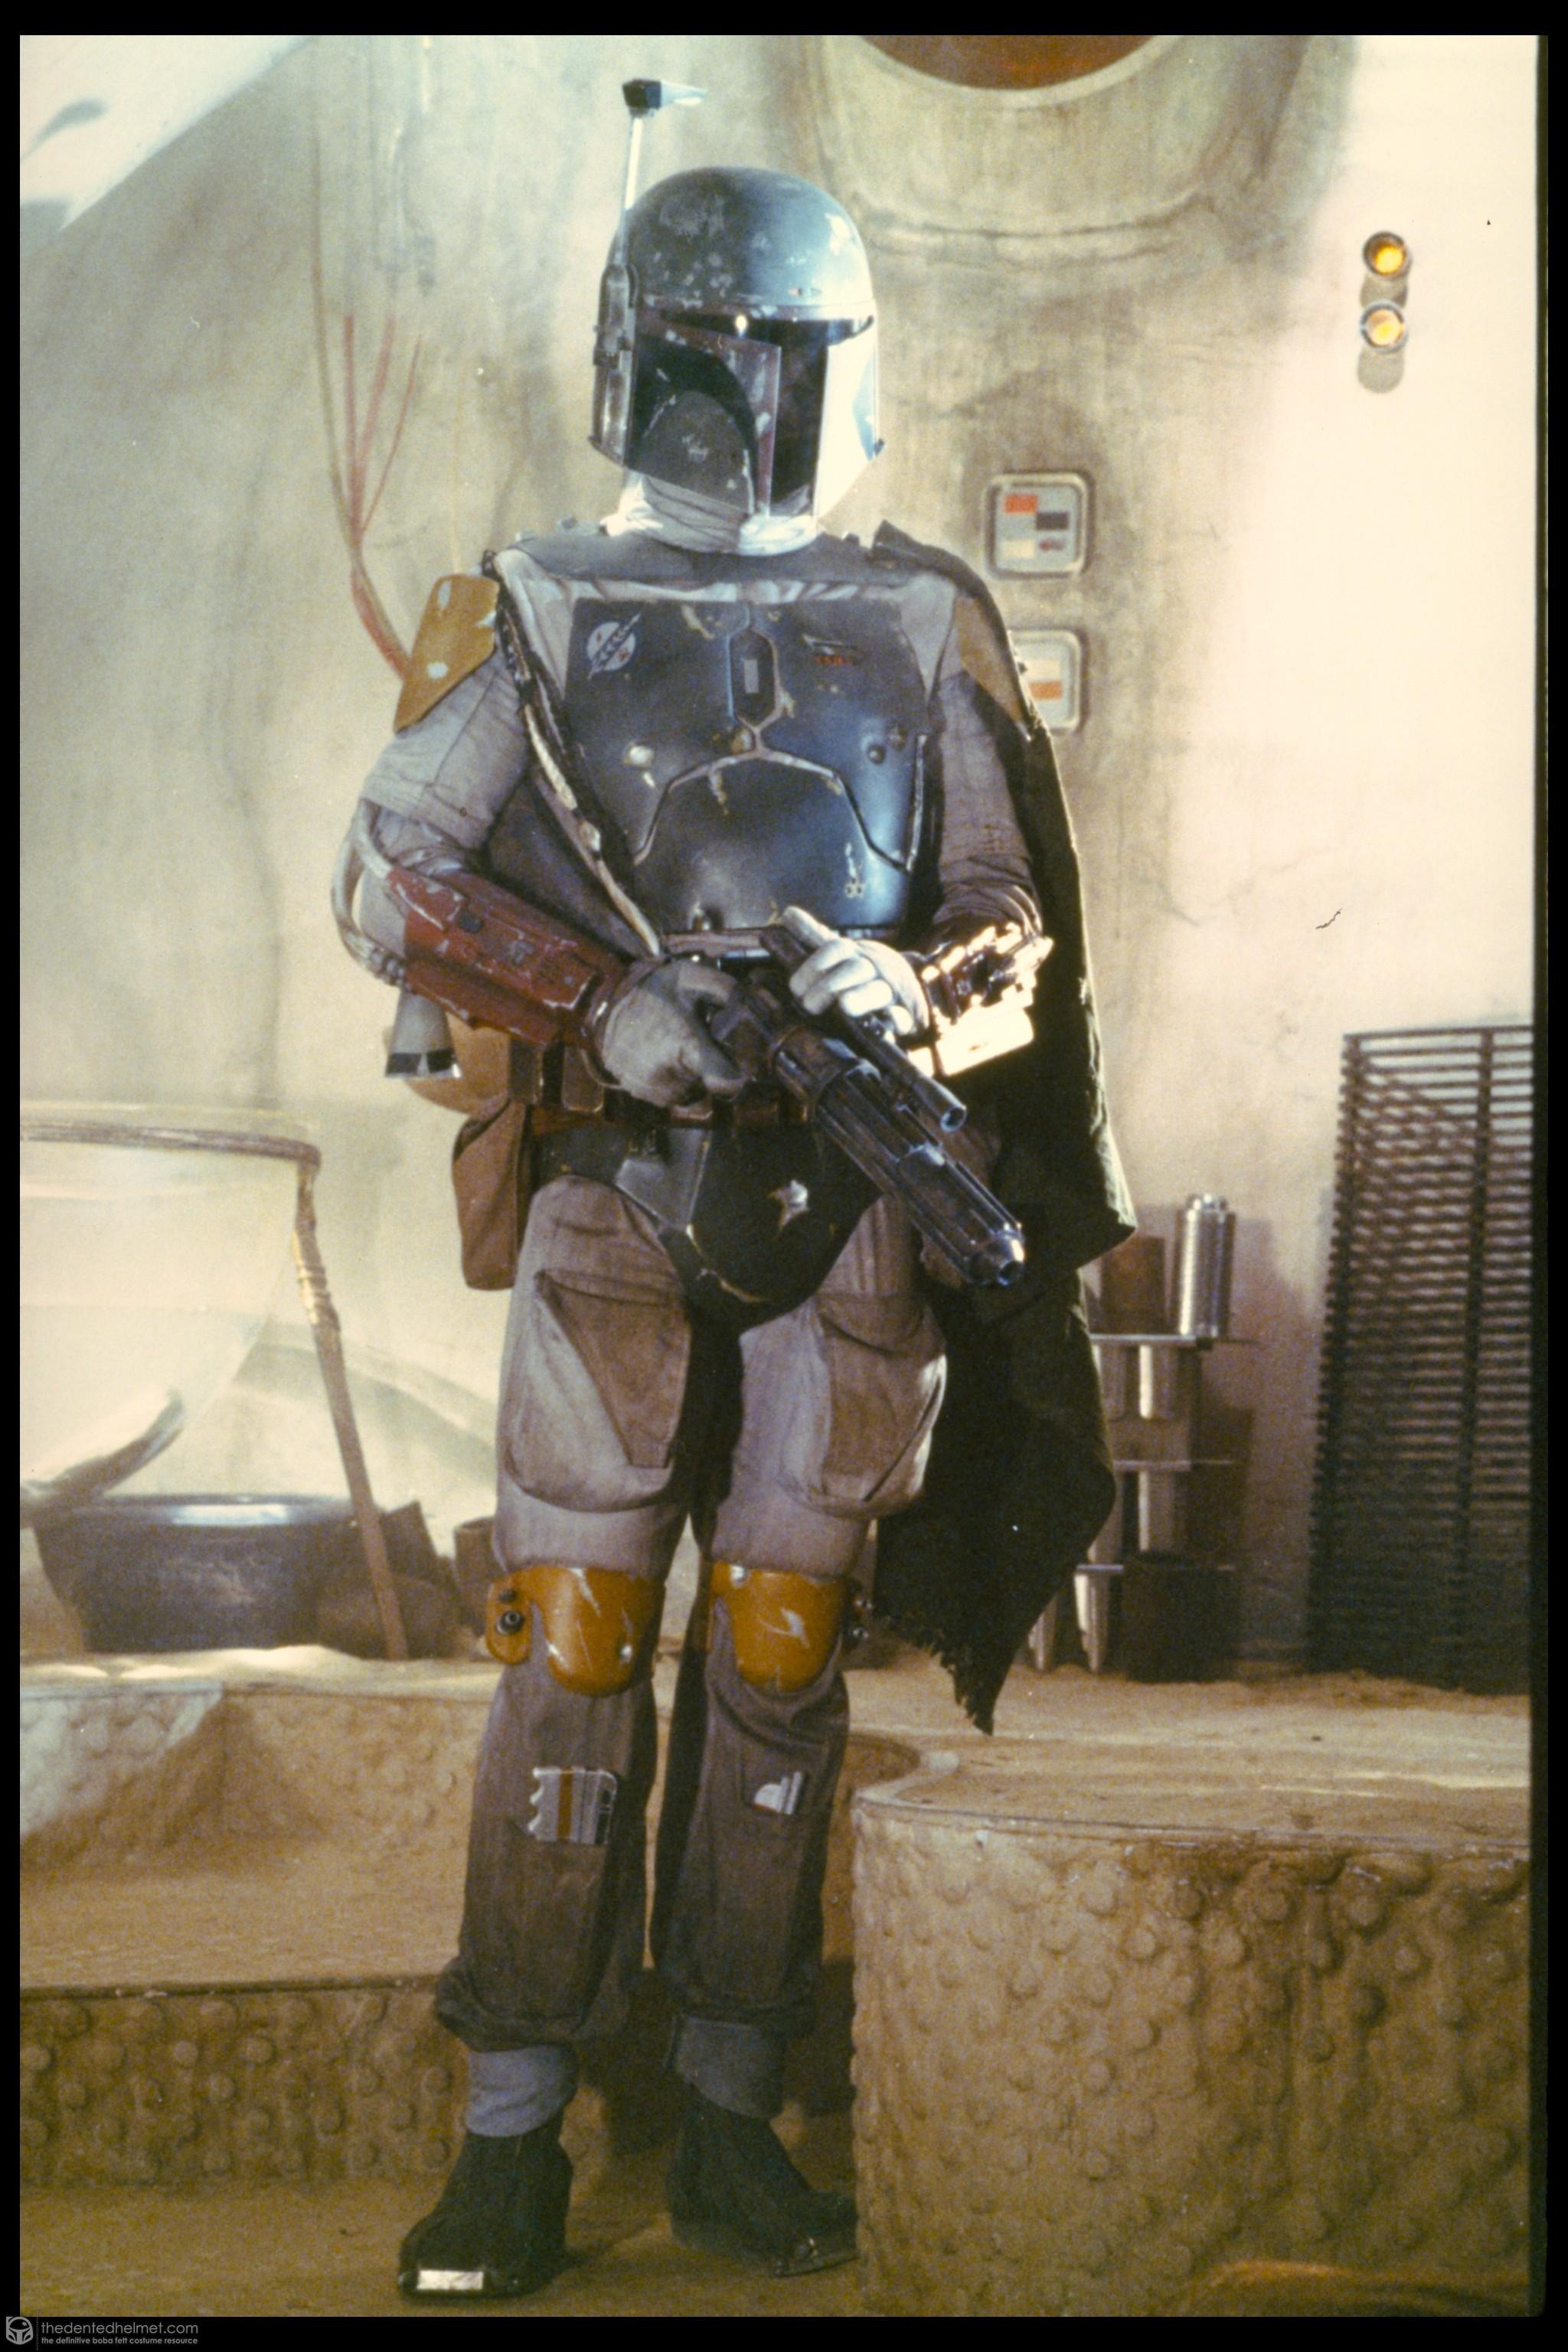 Boba-Fett-Costume-Return-of-the-Jedi-Jabba-02.jpg